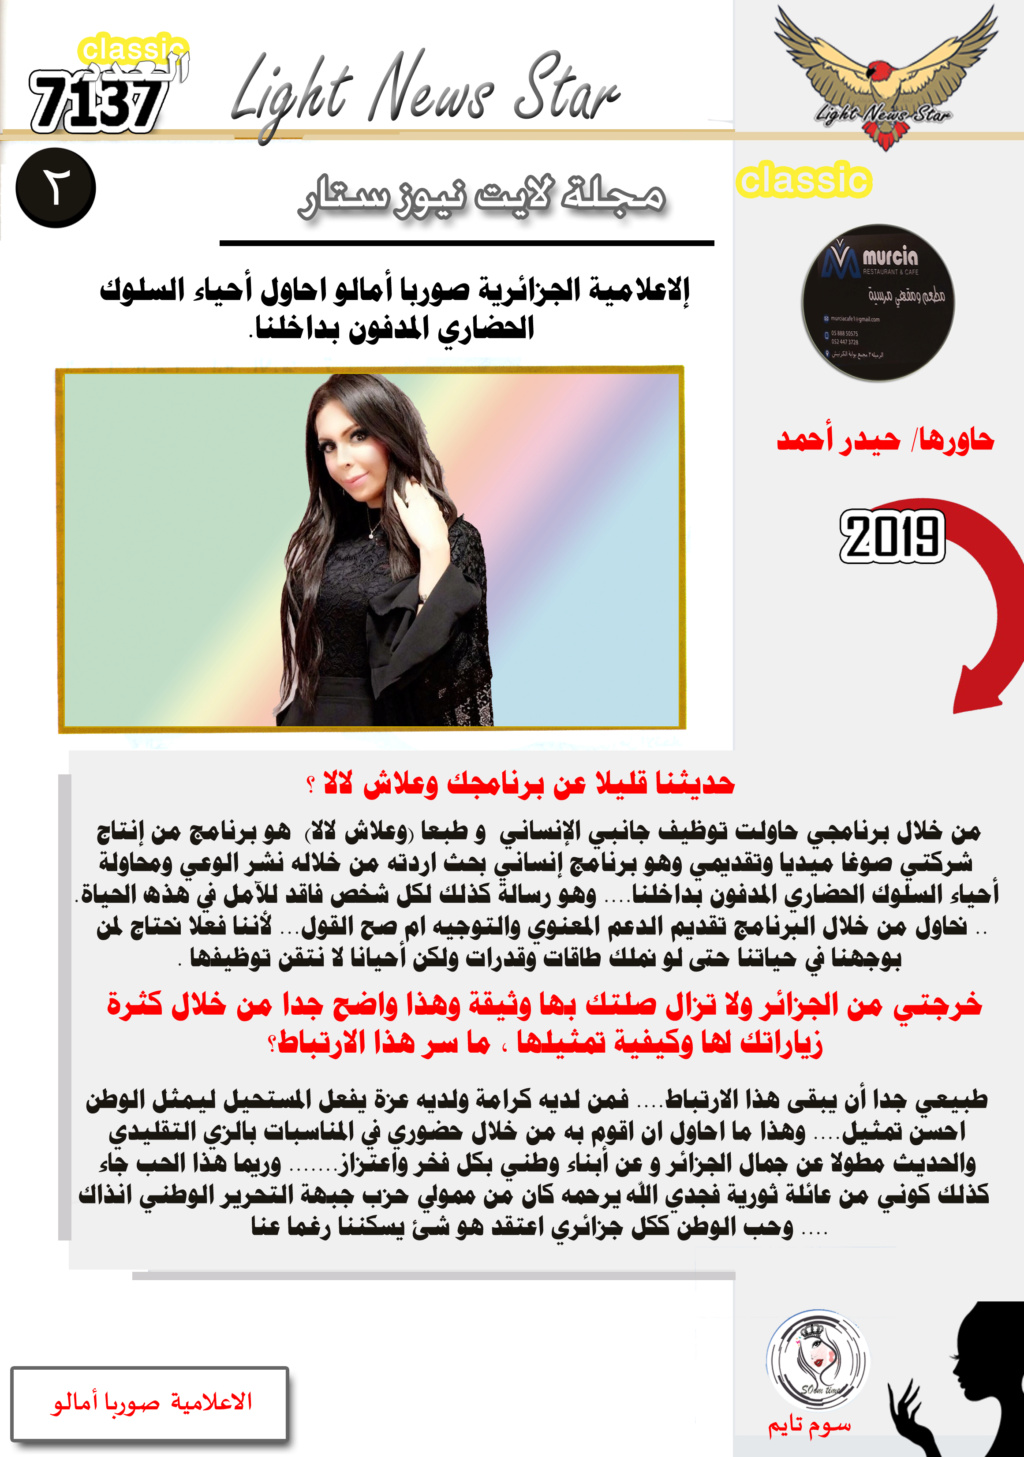 أخبار نجوم الفن والمشاهير 7137 light news star من المصدر l الاعلامية الجزائرية  صوريا أمالو الإعلام  اليوم في صراع صامت و سأرتبط بخيرة الرجال A219